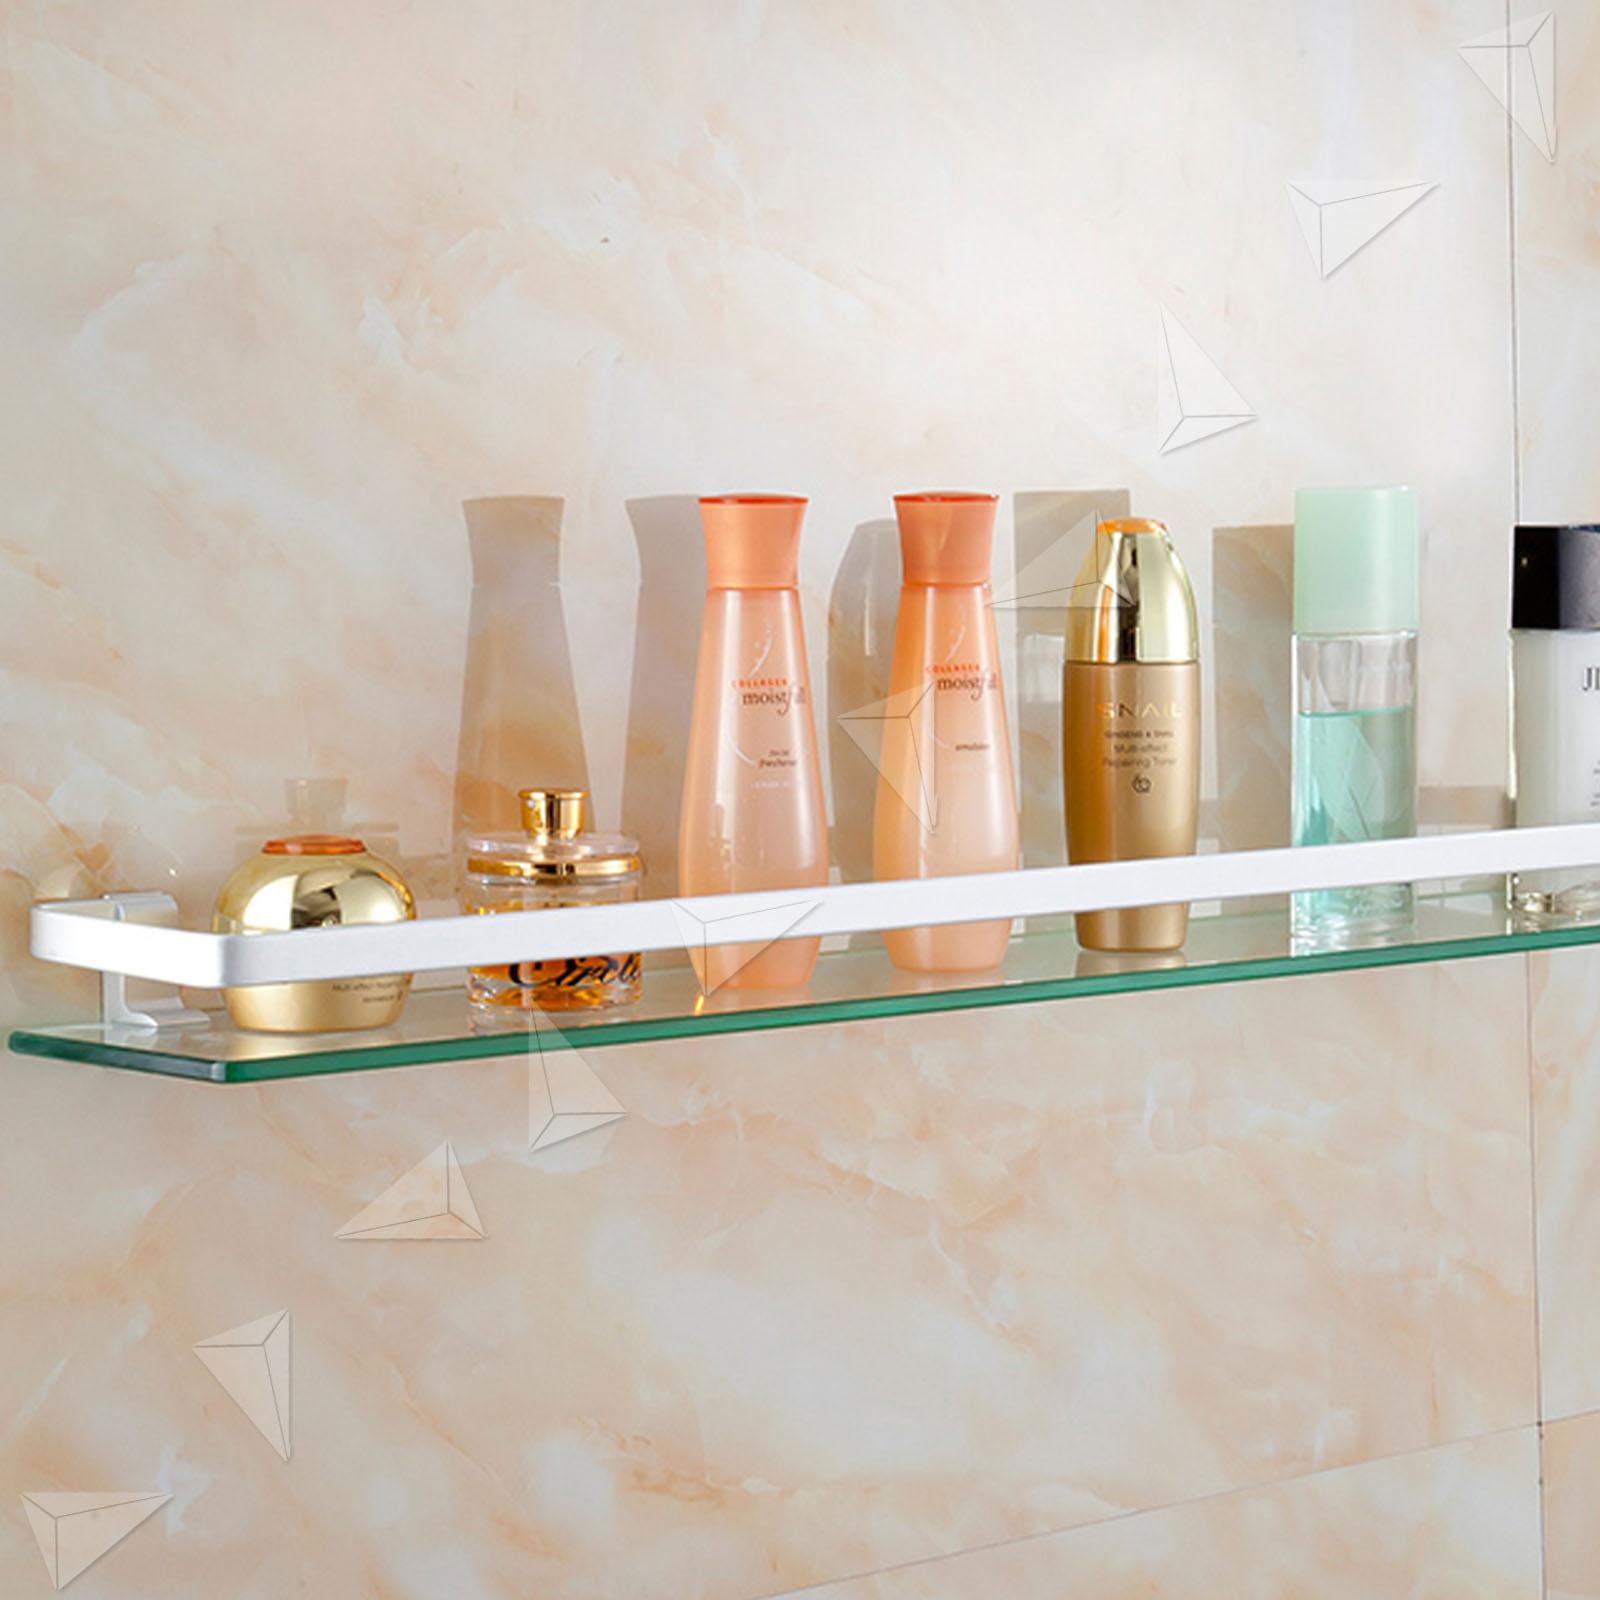 35 x 12 x 8cm Bathroom Storage Glass Gallery Wall Shelf With Chrome ...